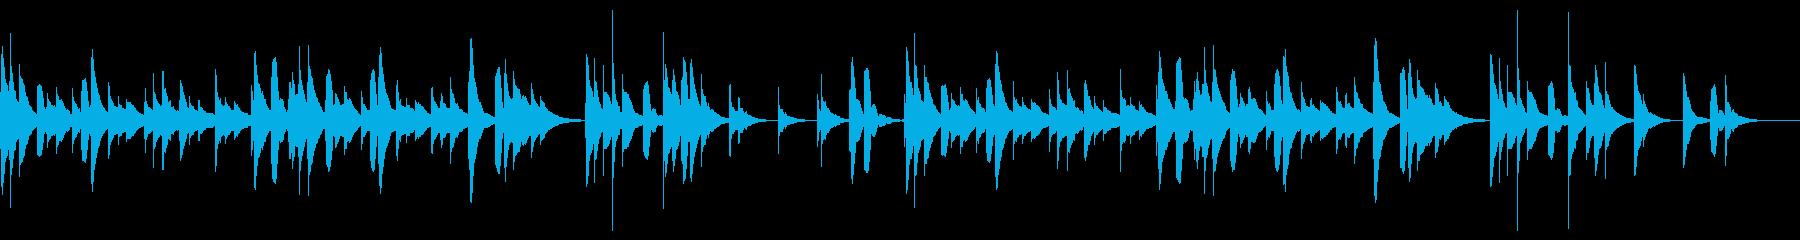 ちょっぴり切なく癒されるオルゴールBGMの再生済みの波形